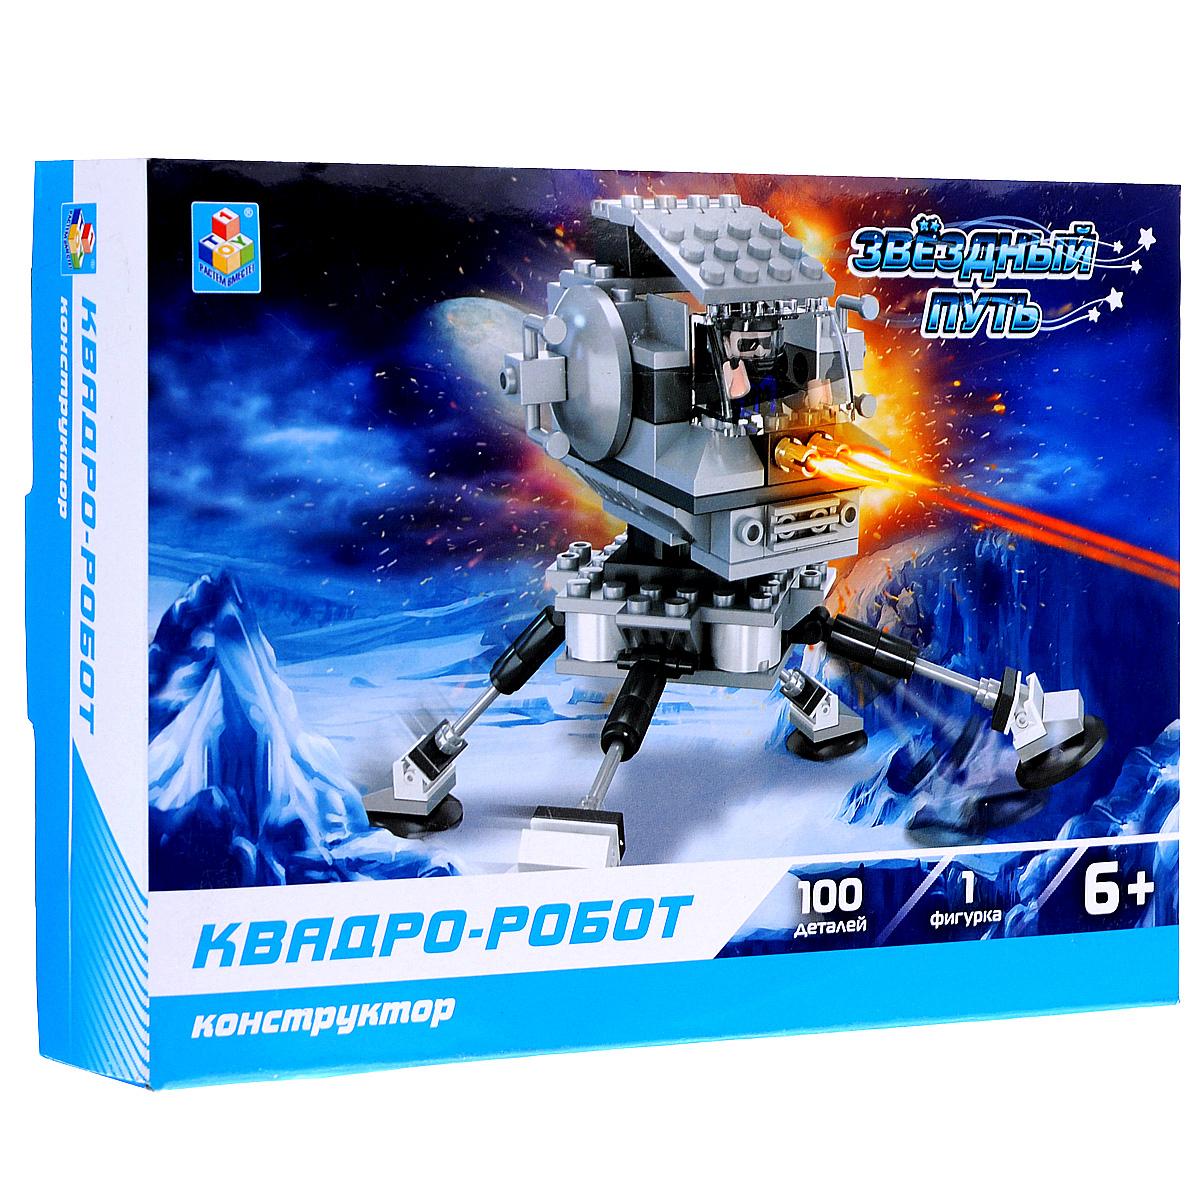 1TOY Конструктор Квадро-роботТ57013Конструктор Квадро-робот понравится любому мальчику. Он содержит 1 фигурку пилота, пластиковые детали конструктора и иллюстрированную инструкцию. Набор позволит ребенку без труда собрать четвероногого робота, оснащенного пушками и одним посадочным местом для фигурки отважного пилота-исследователя. Конструктор выполнен из прочного пластика. Конструкторы из серии Звездный путь позволят окунуться в захватывающие космические приключения с футуристическими роботами и космическими кораблями. Игры с конструкторами помогут ребенку развить воображение, внимательность, пространственное мышление и творческие способности.